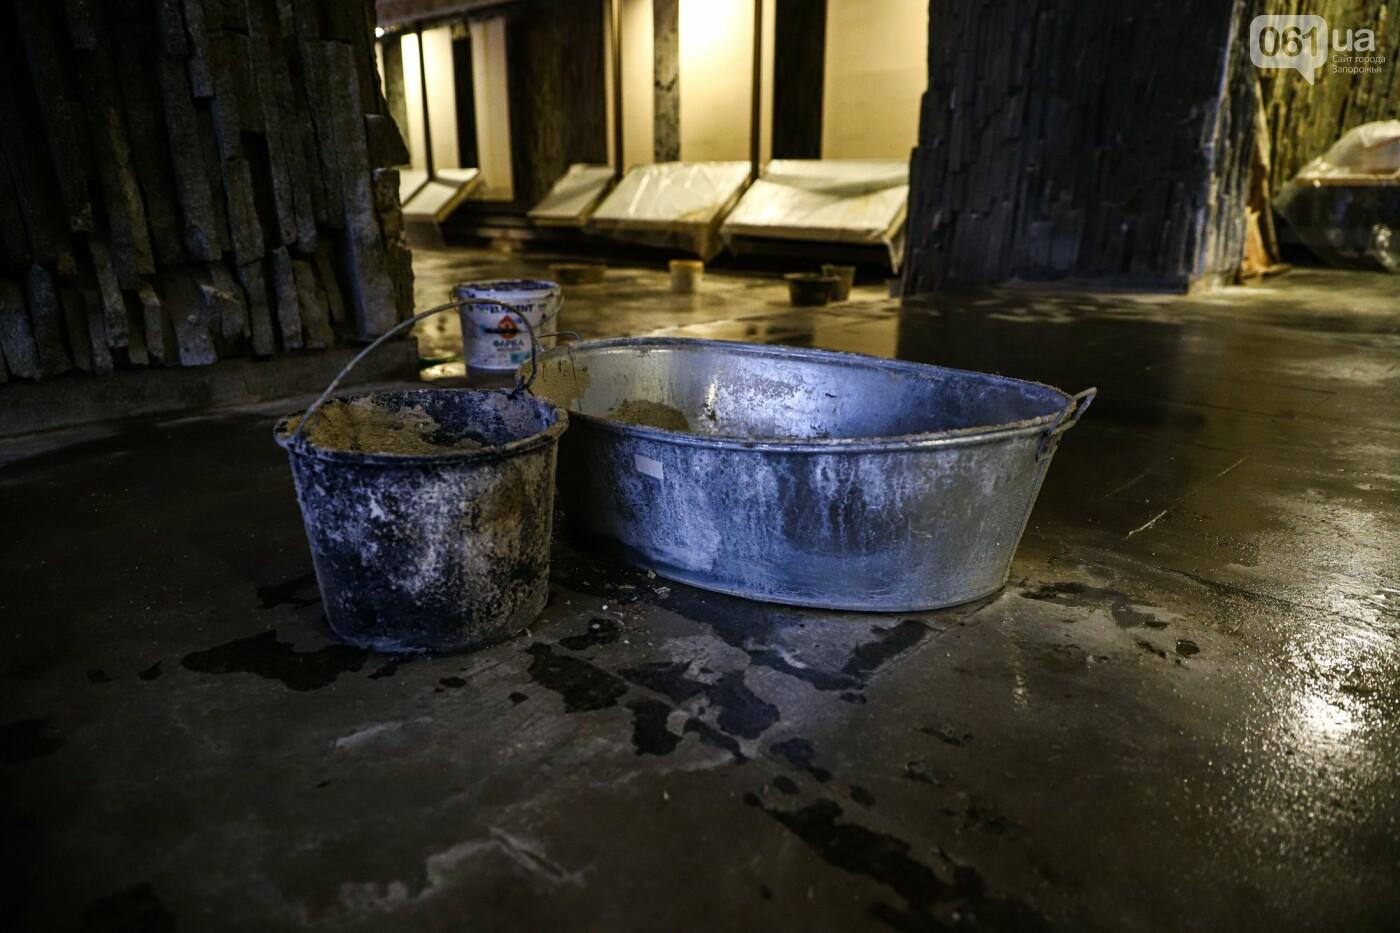 Музей истории запорожского казачества в ожидании реконструкции: как сейчас выглядит аварийное здание, - ФОТОРЕПОРТАЖ, фото-45